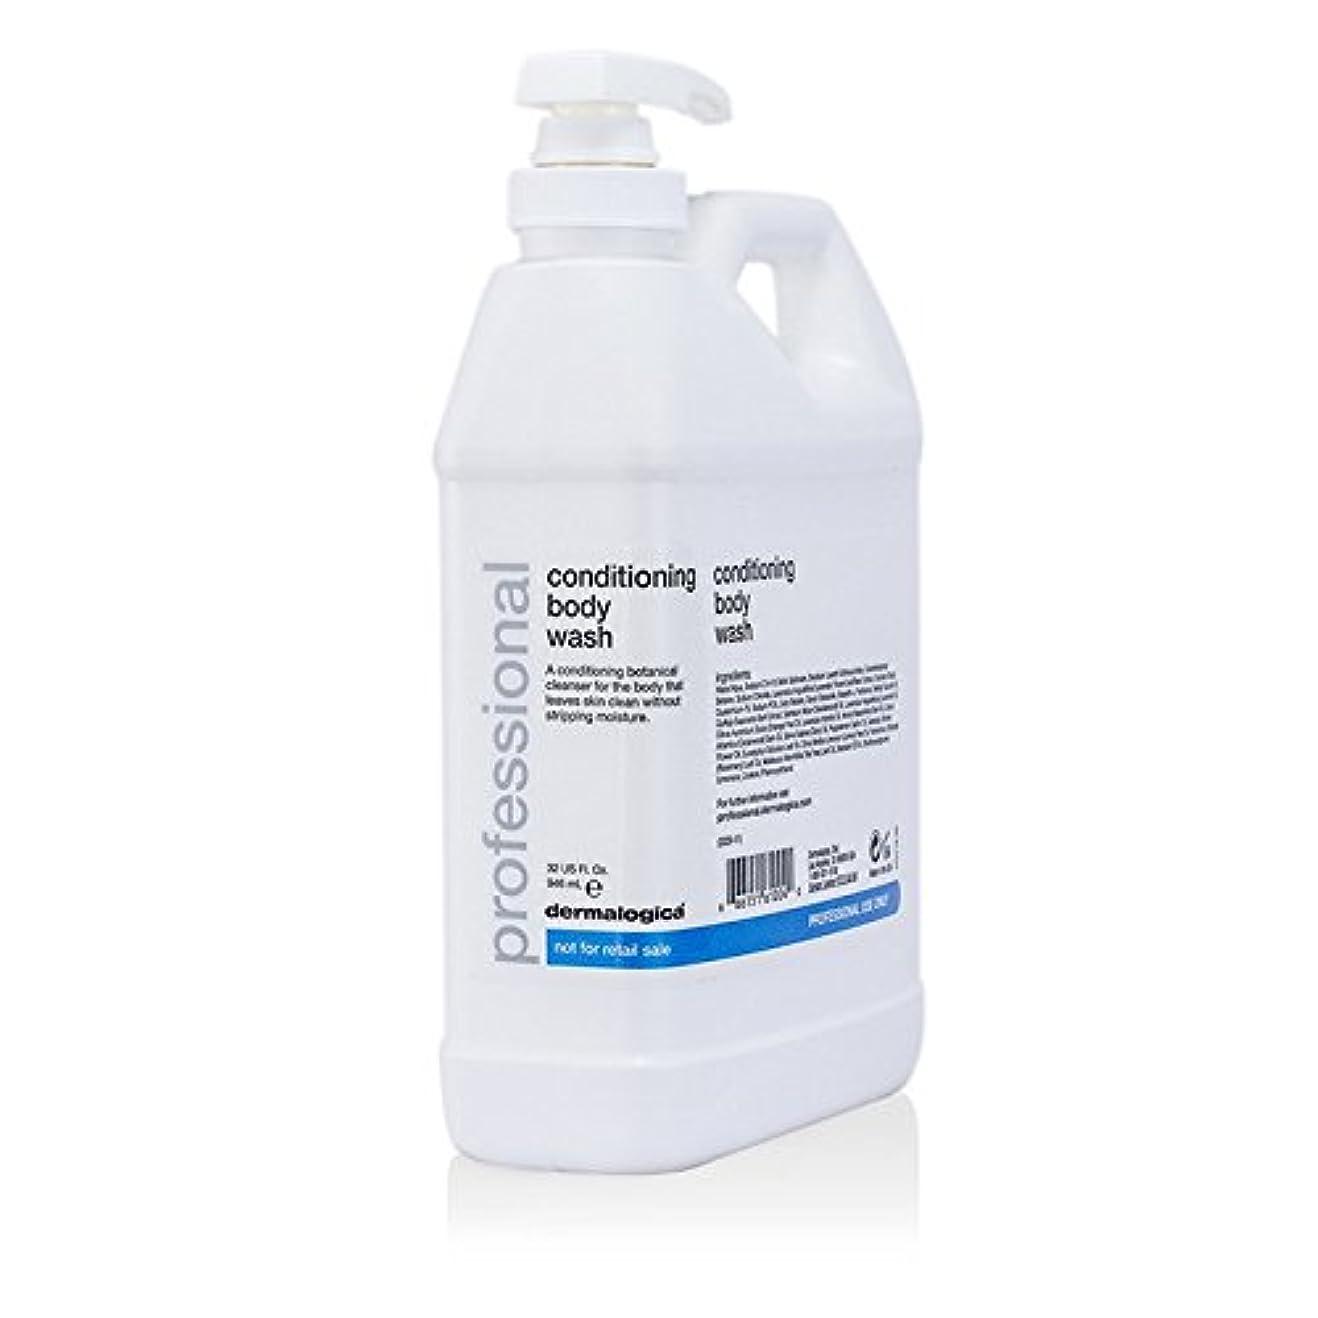 アレルギー保持する禁輸ダーマロジカ SPA コンディショニング ボディウォッシュ ( サロンサイズ ) 946ml/32oz並行輸入品